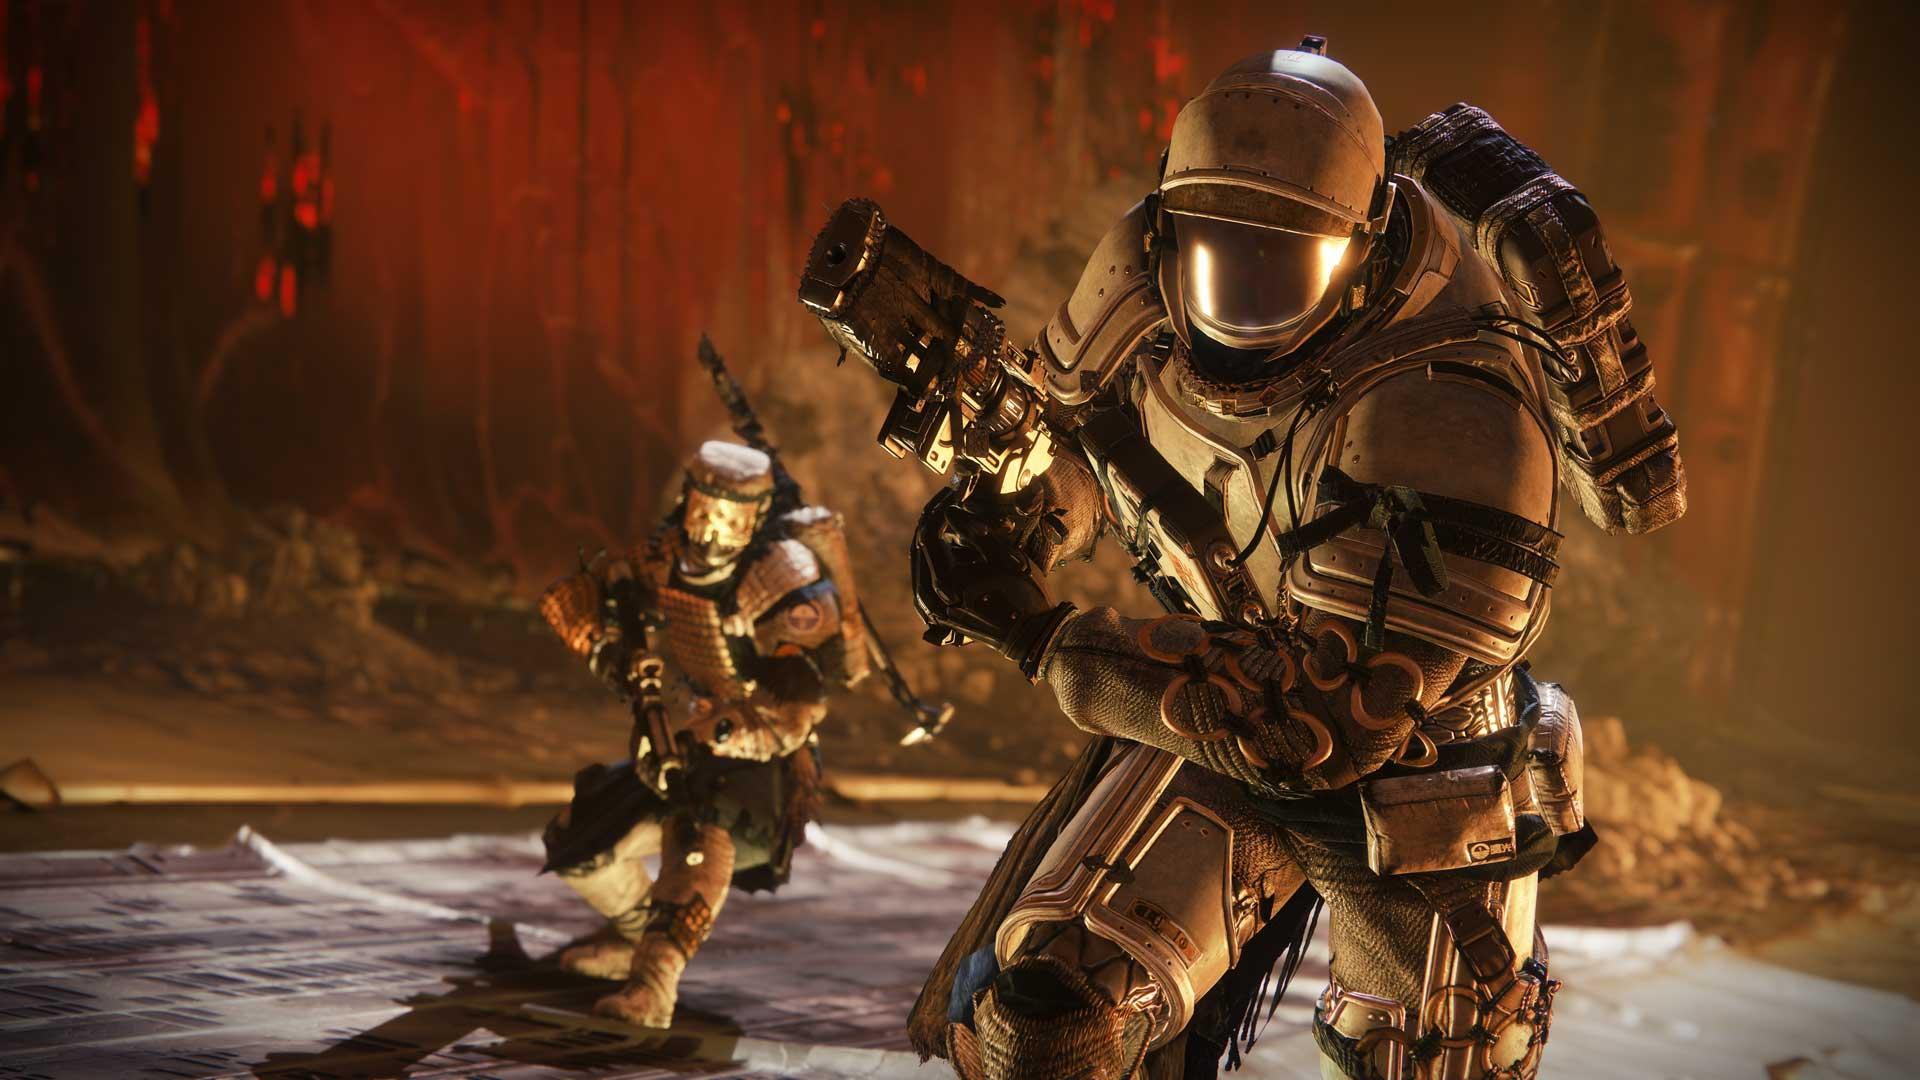 4K HD Destiny 2: Shadowkeep Backgrounds You Need to Make ...